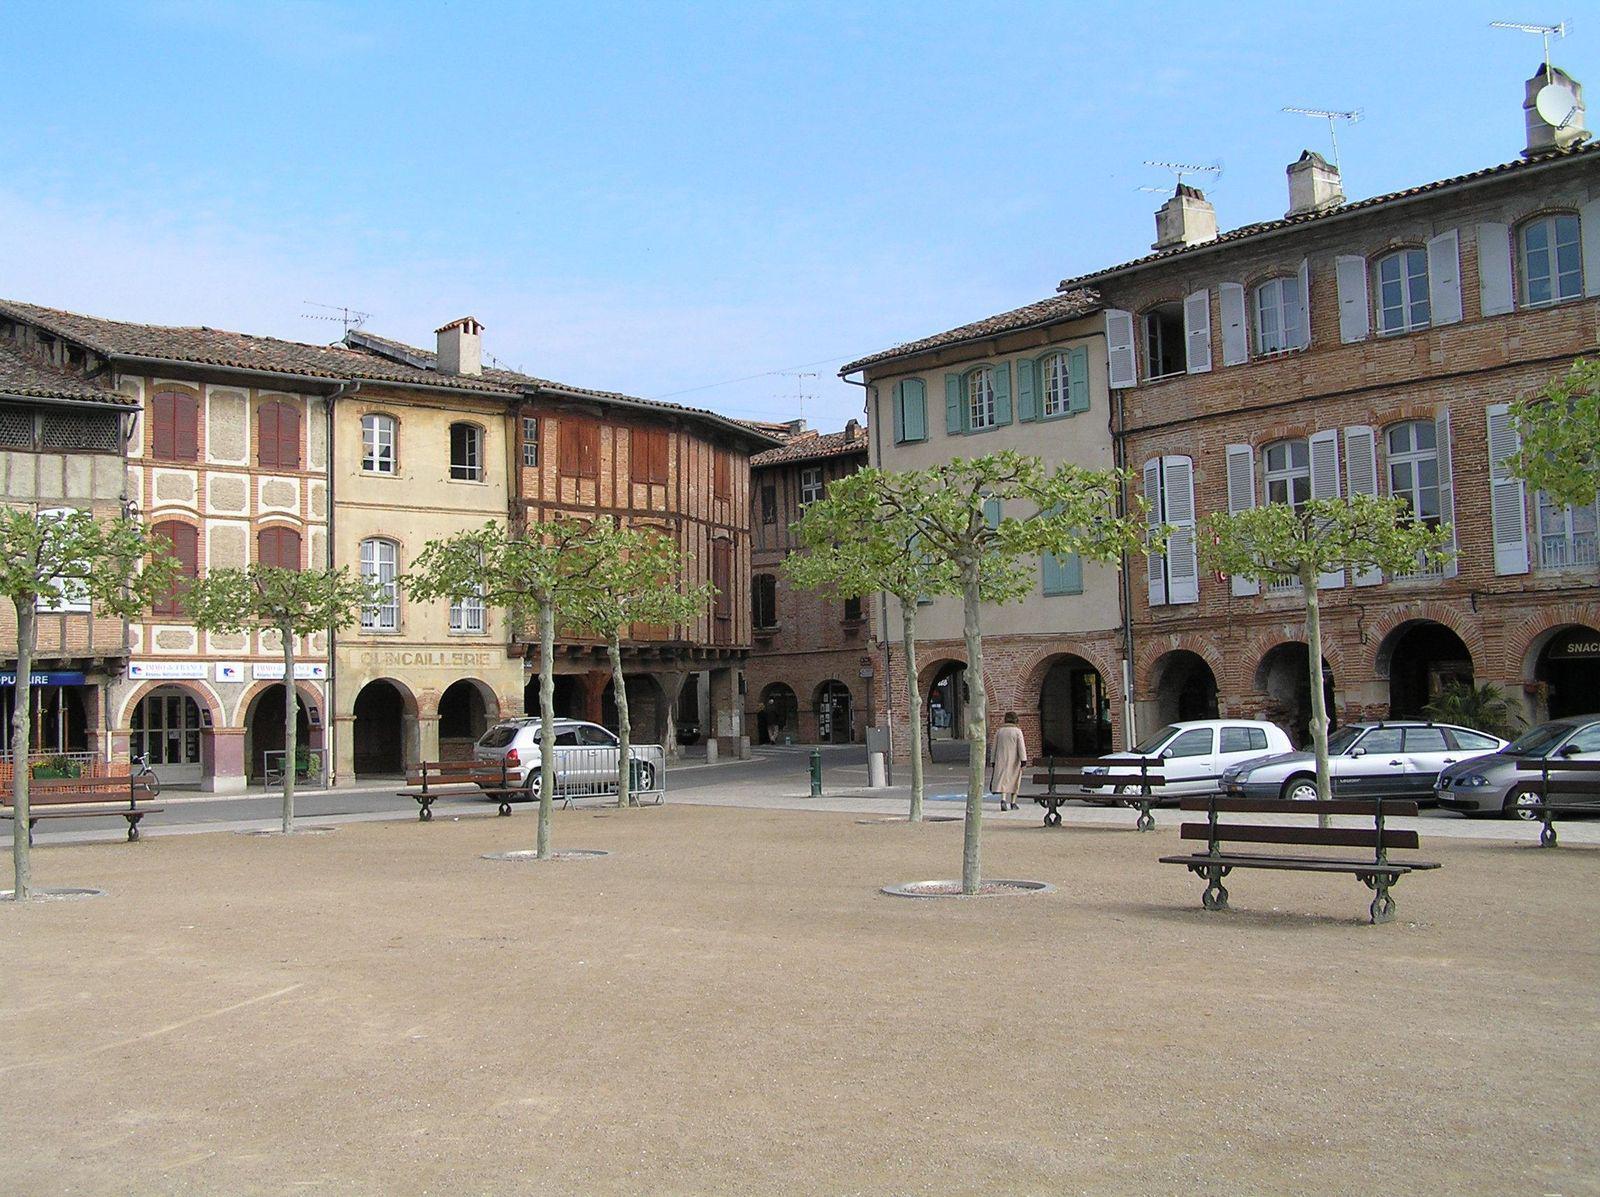 Lisle-sur-Tarn (3)